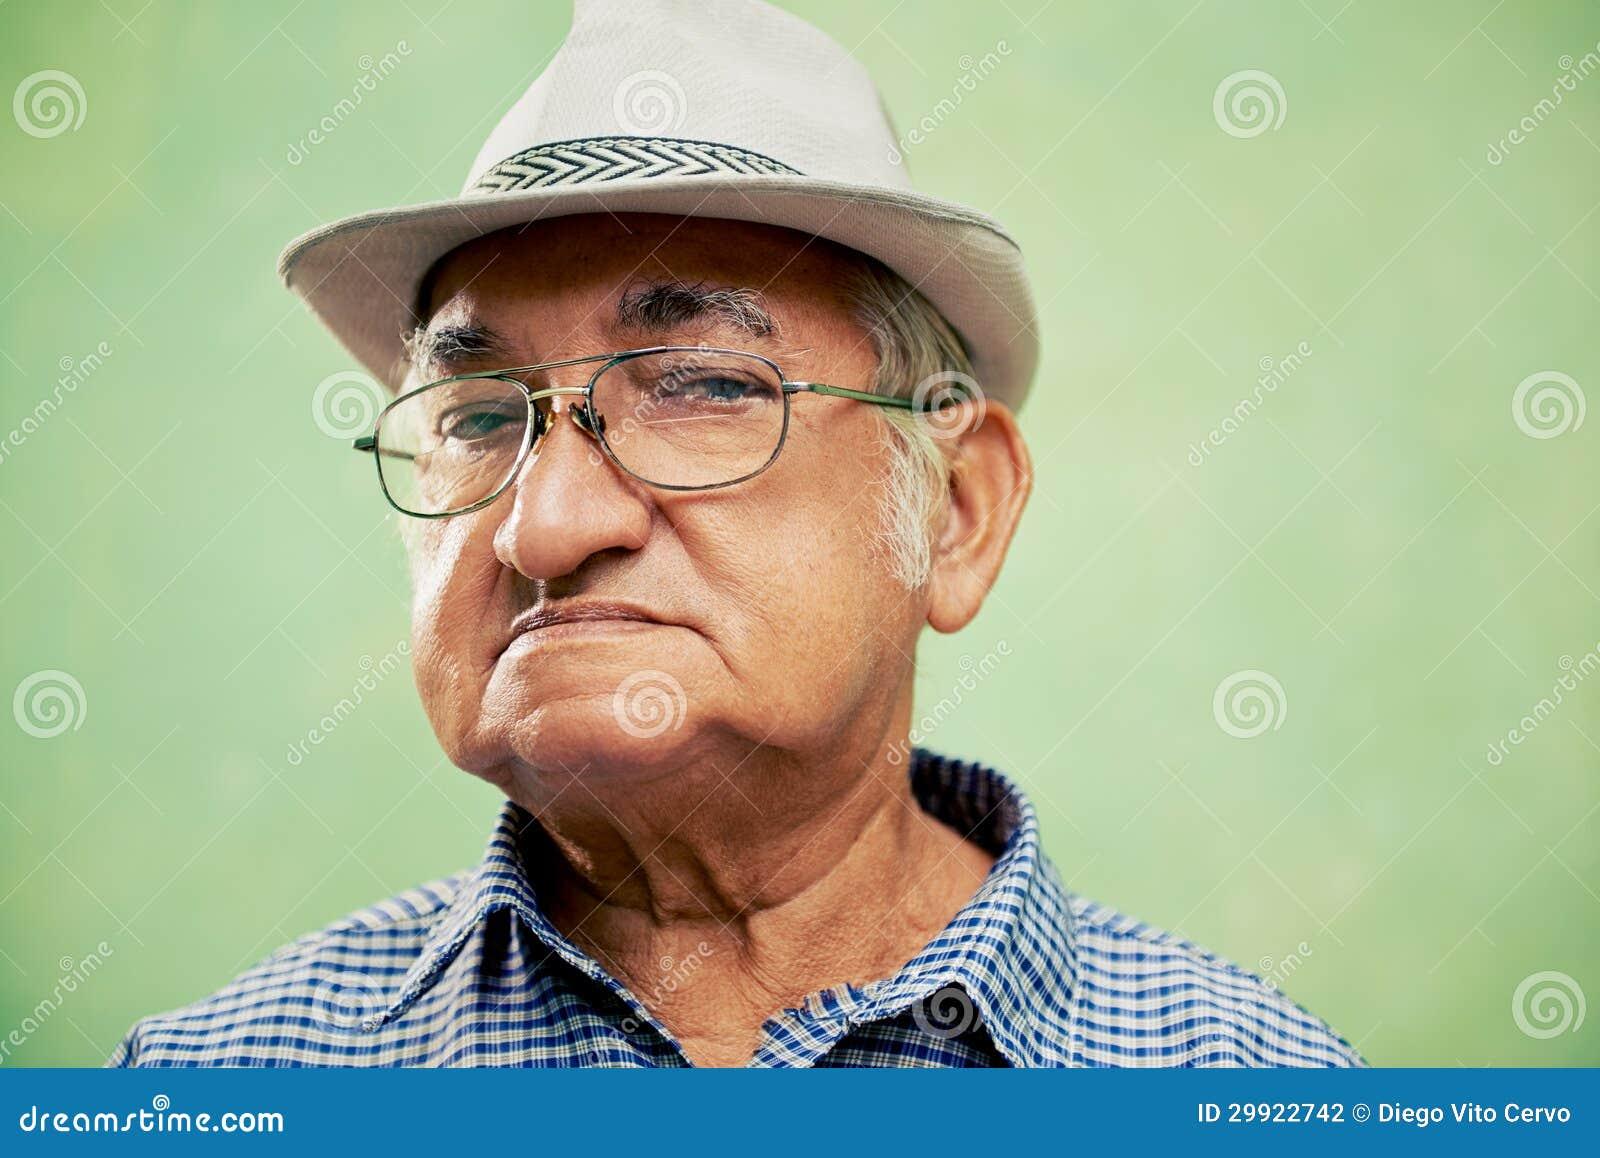 Porträt des ernsten alten Mannes mit dem Hut, der Kamera betrachtet